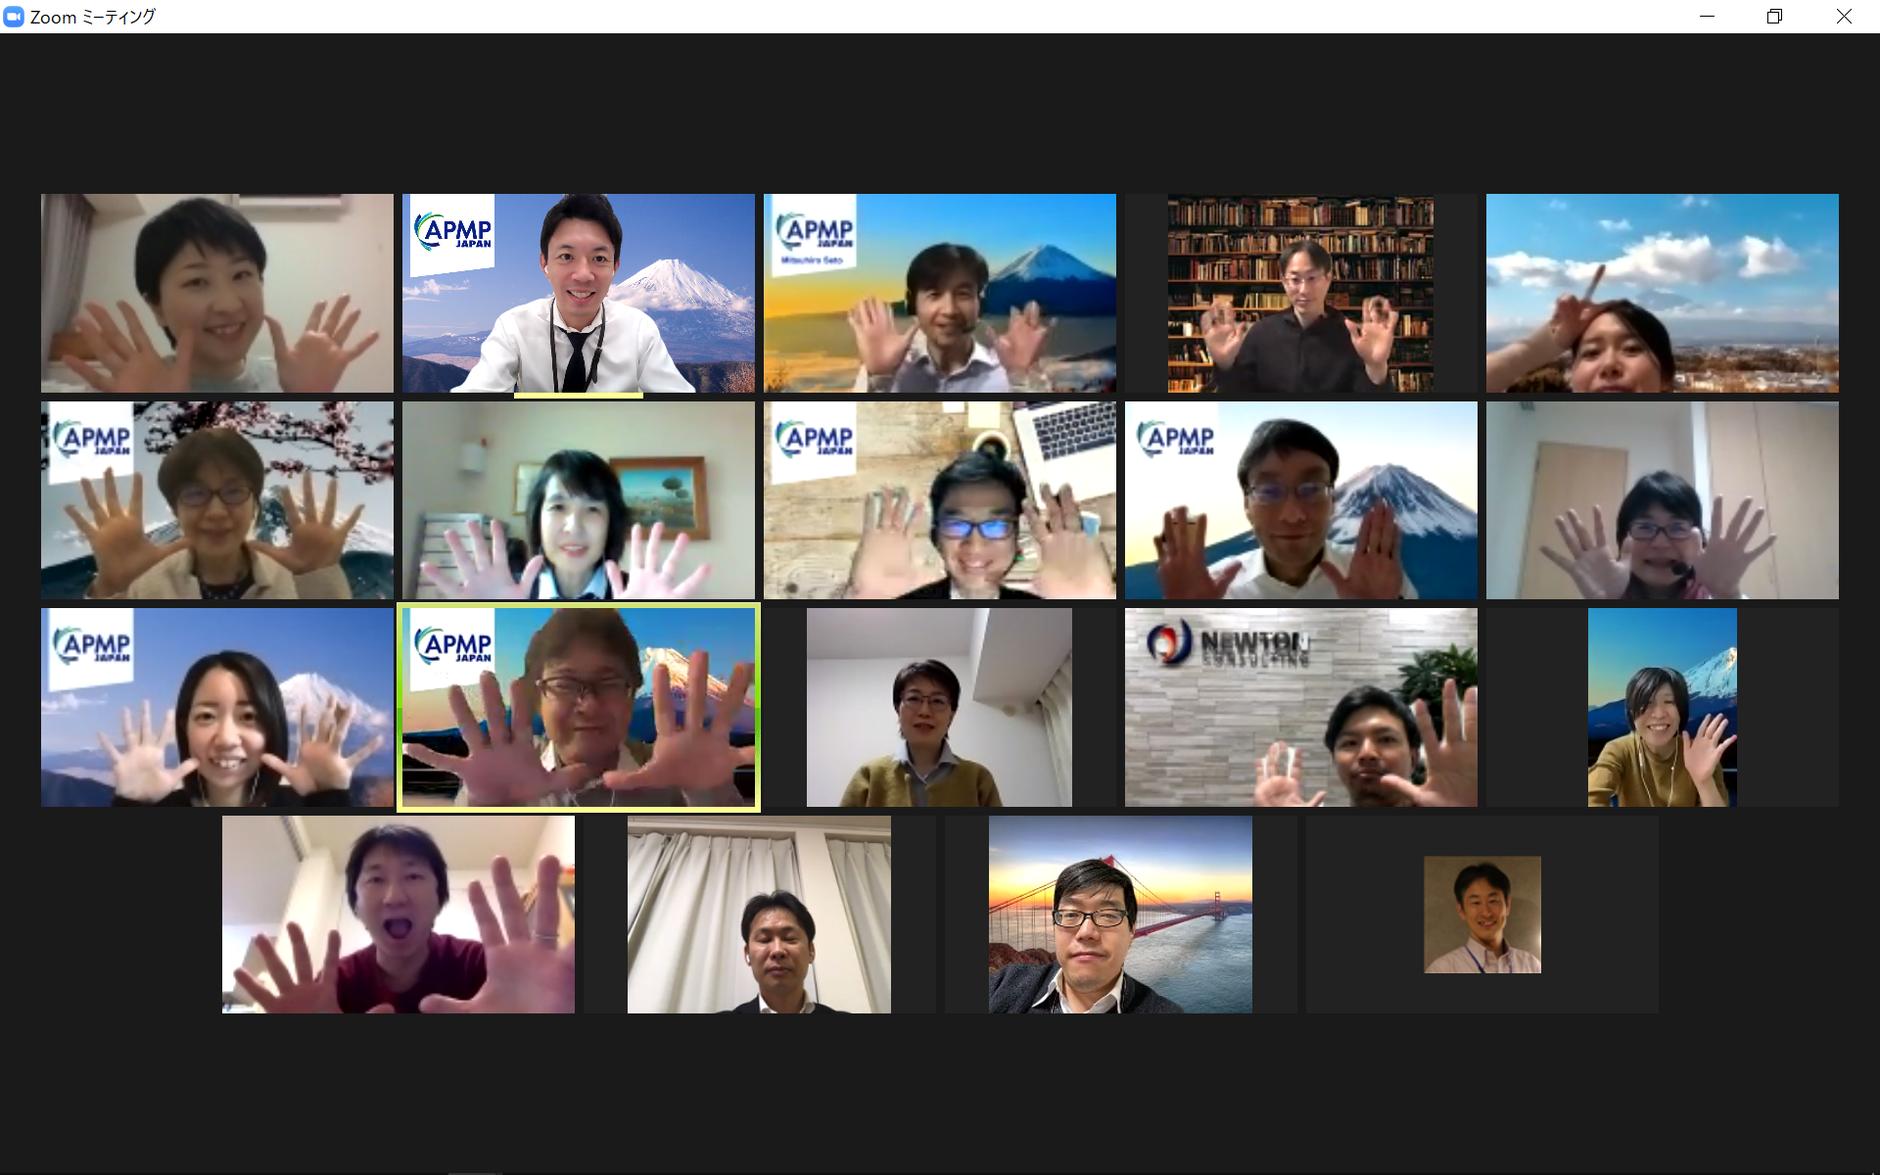 第7回 APMP Japan 会員 MeetUp「みんなで高め合う提案スキル」開催報告